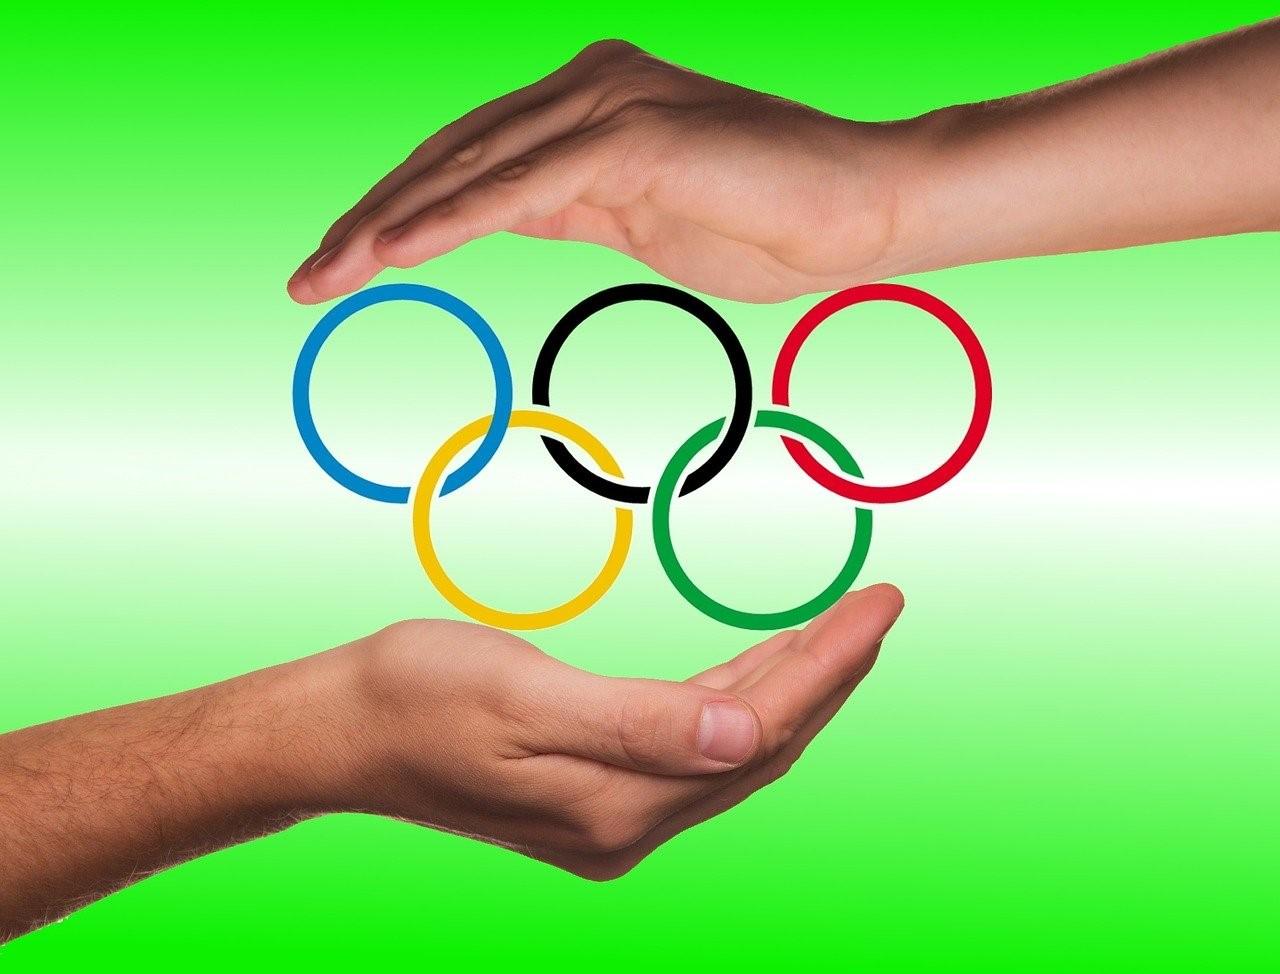 Grafika na zielonym tle. Logo Olimpijskie (pięć olimpijskich kół) w otoczeniu ludzkich dłoni wspierających ruch olimpijski